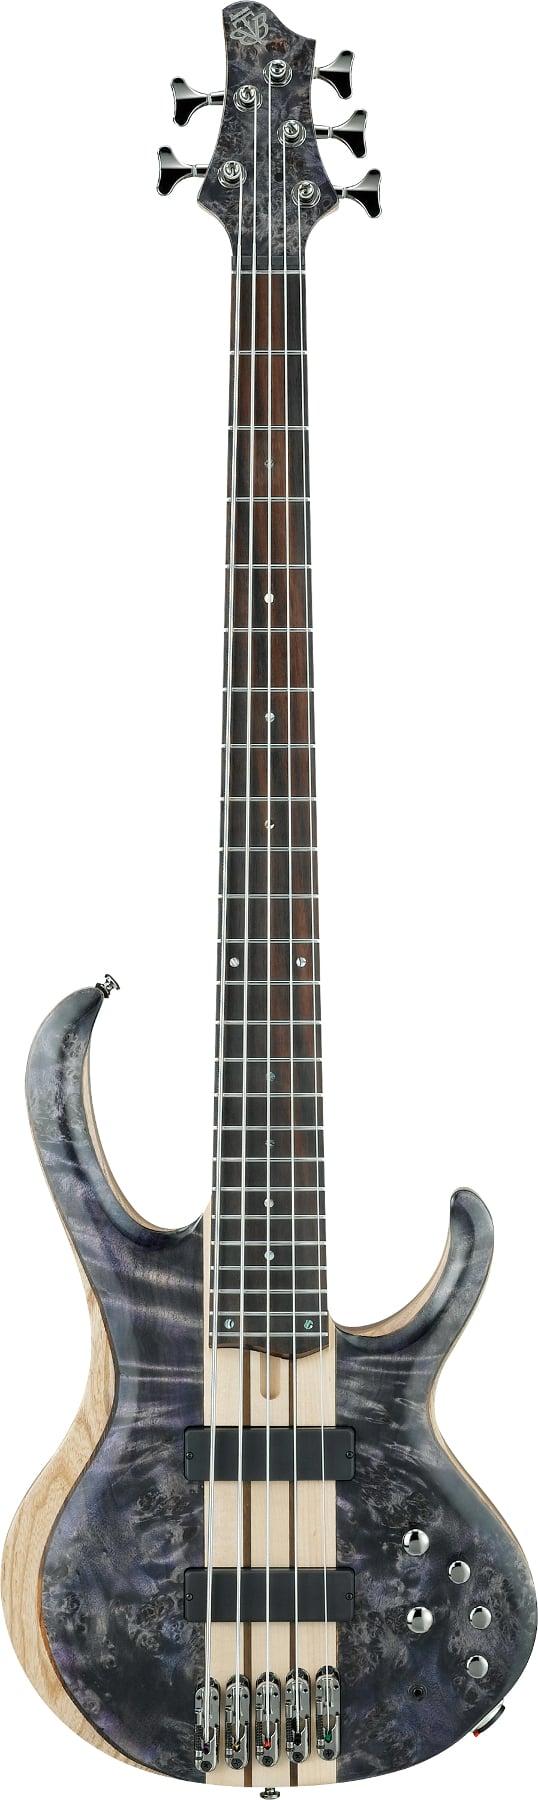 BTB Standard 5str Electric Bass - Deep Twilight Low Gloss